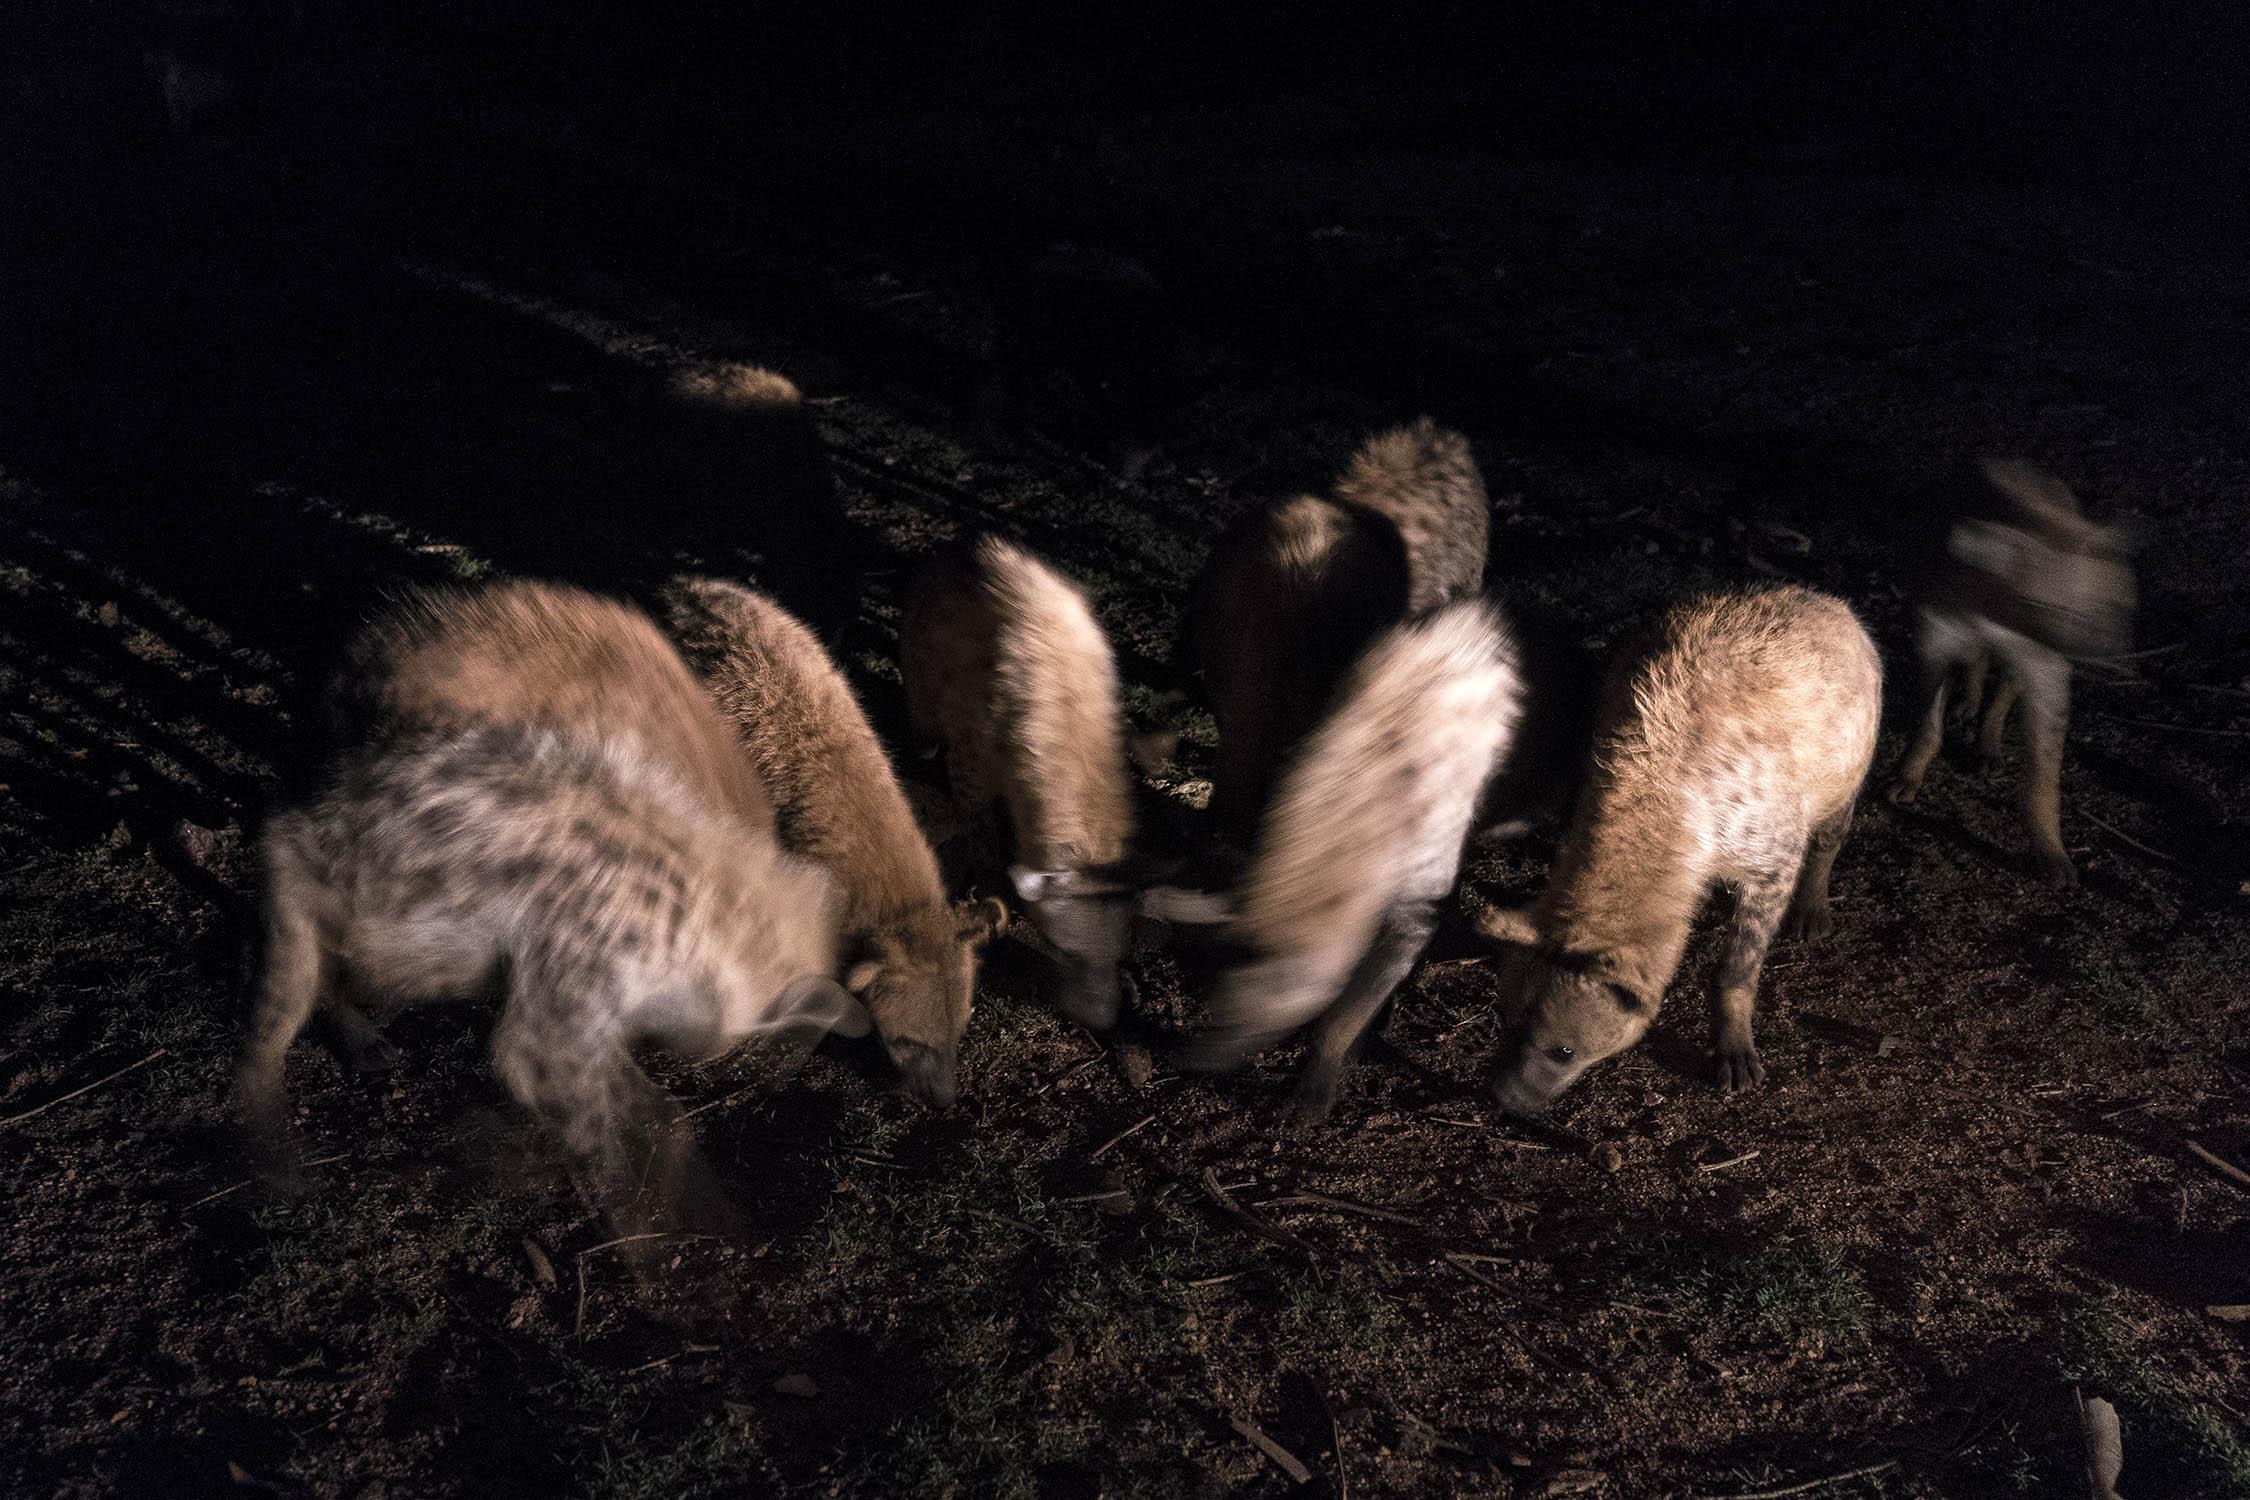 Hyena_04530.jpg